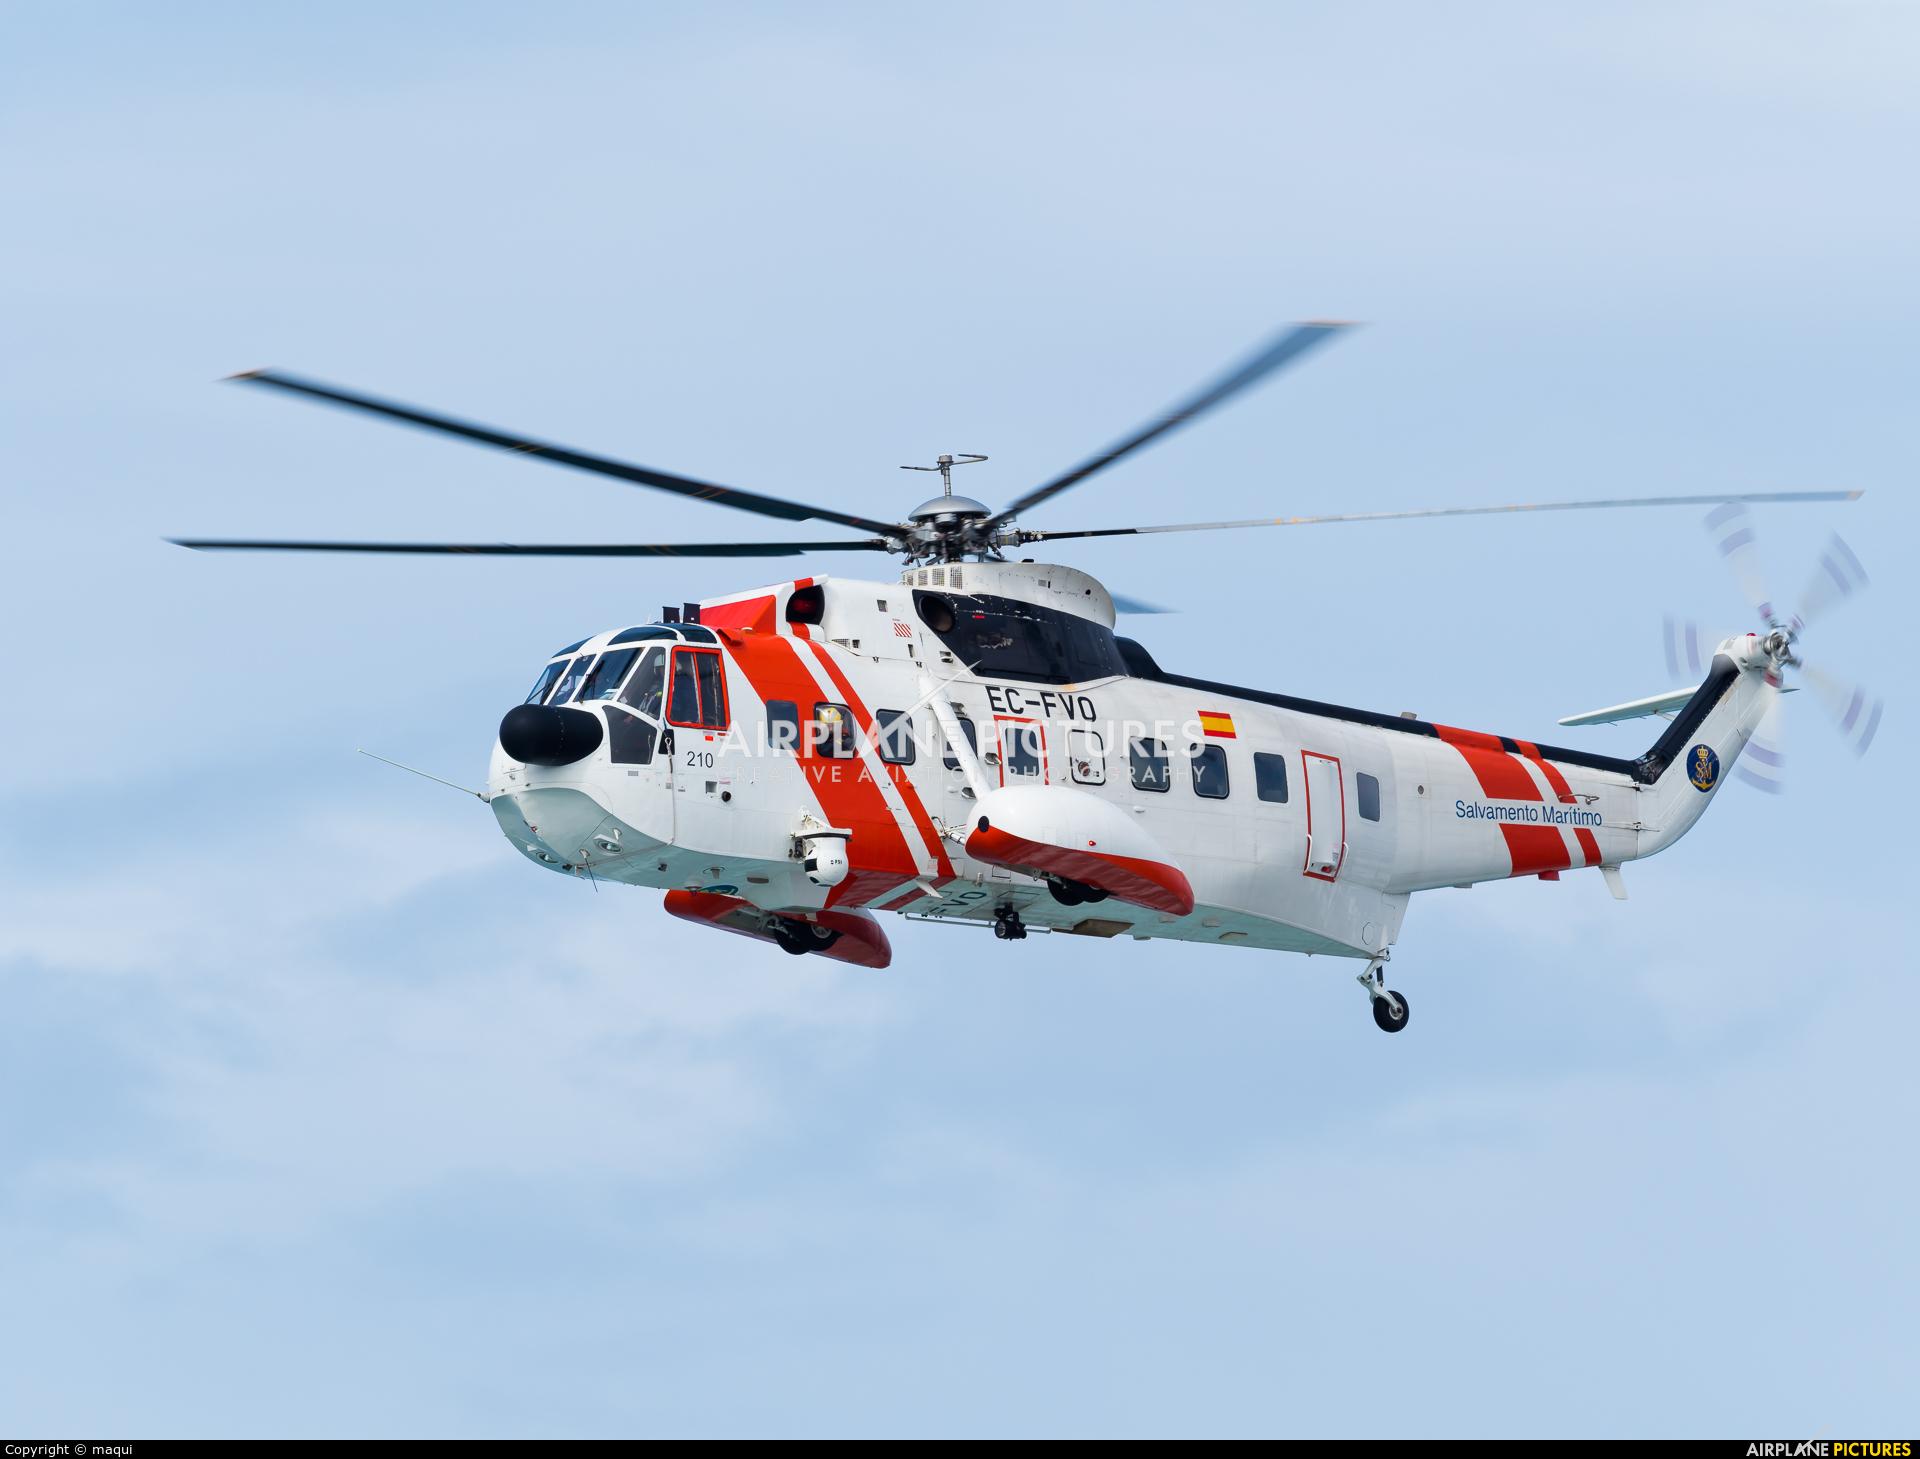 Spain - Coast Guard EC-FVO aircraft at La Coruña - Orzan Bay